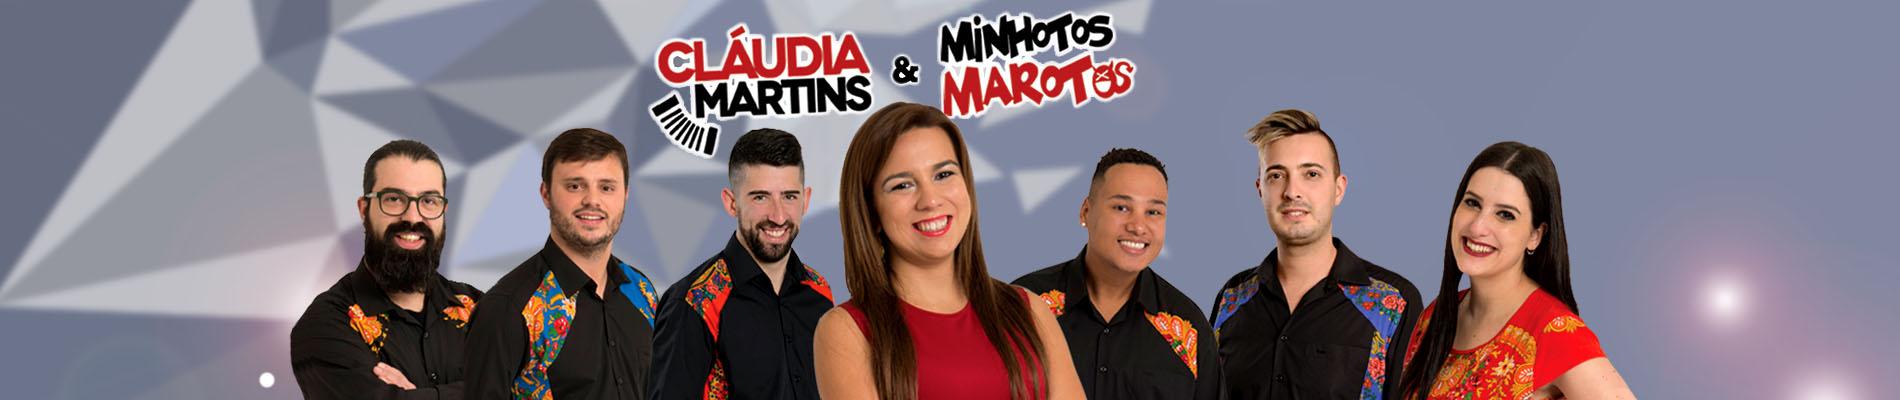 Cláudia Martins & Minhotos Marotos